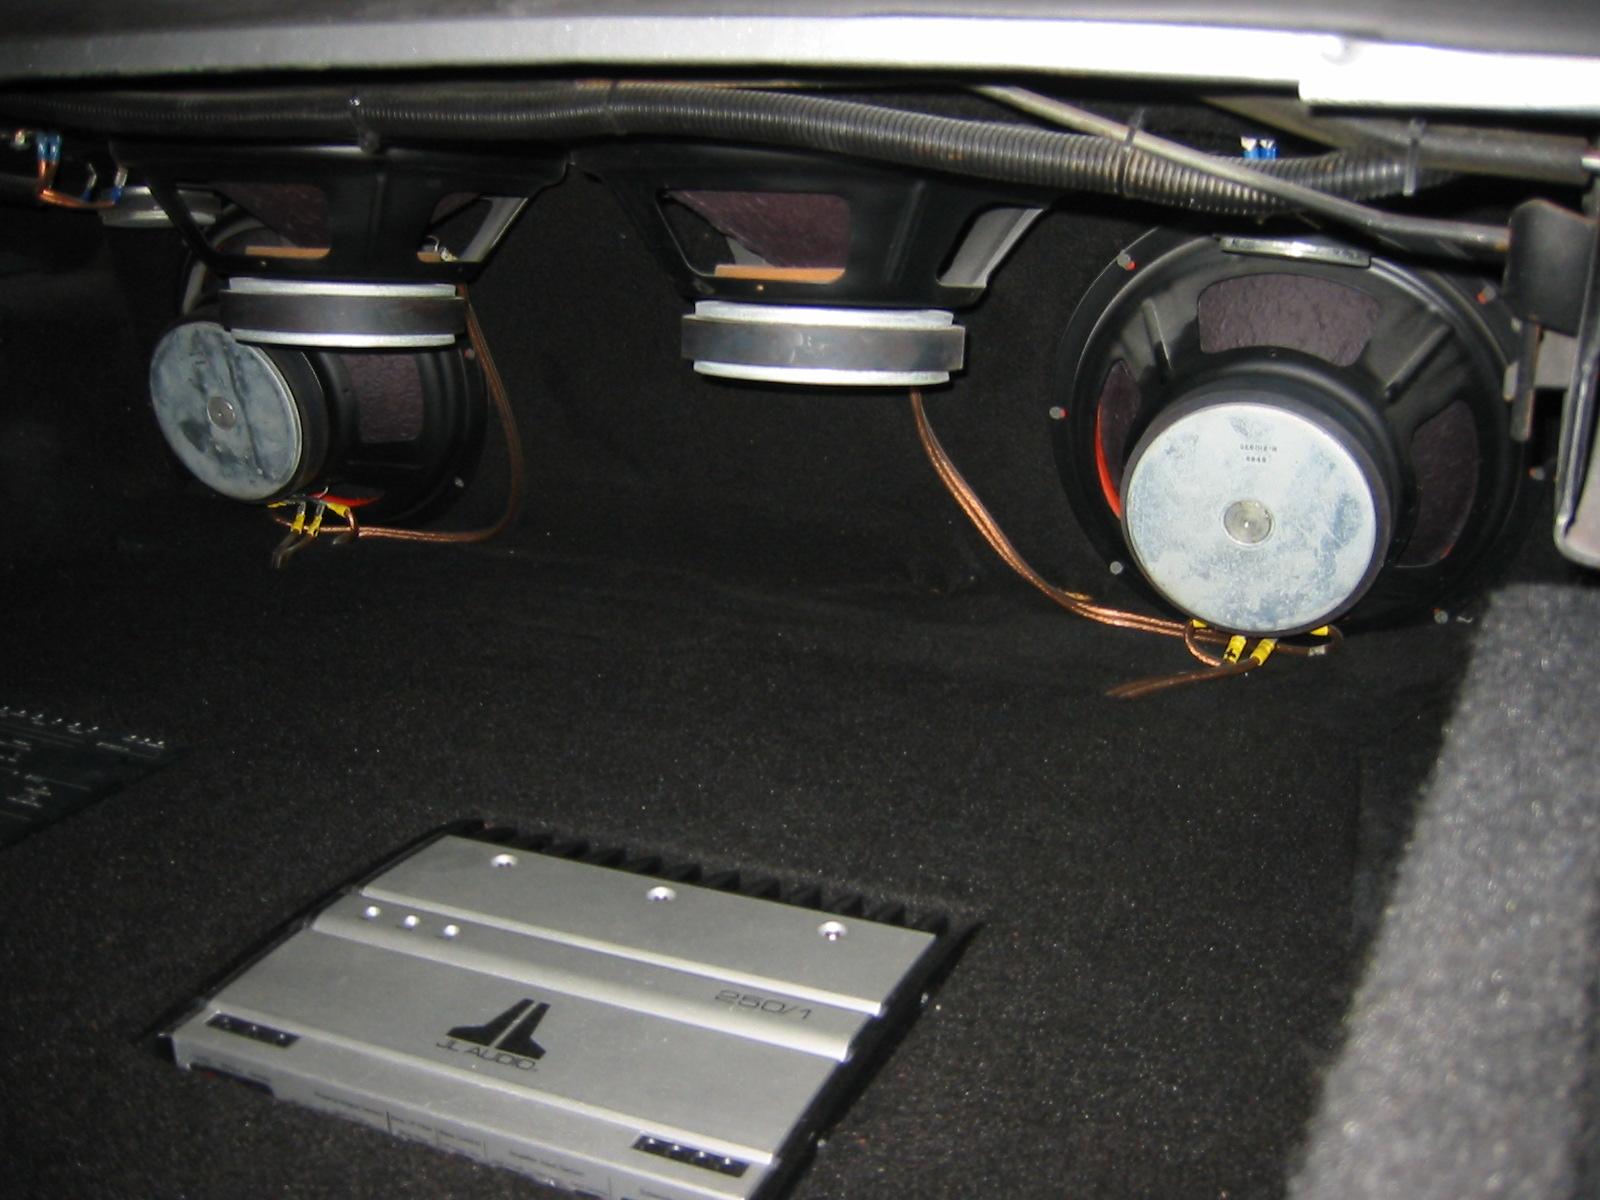 71 camaro subwoofer. Black Bedroom Furniture Sets. Home Design Ideas